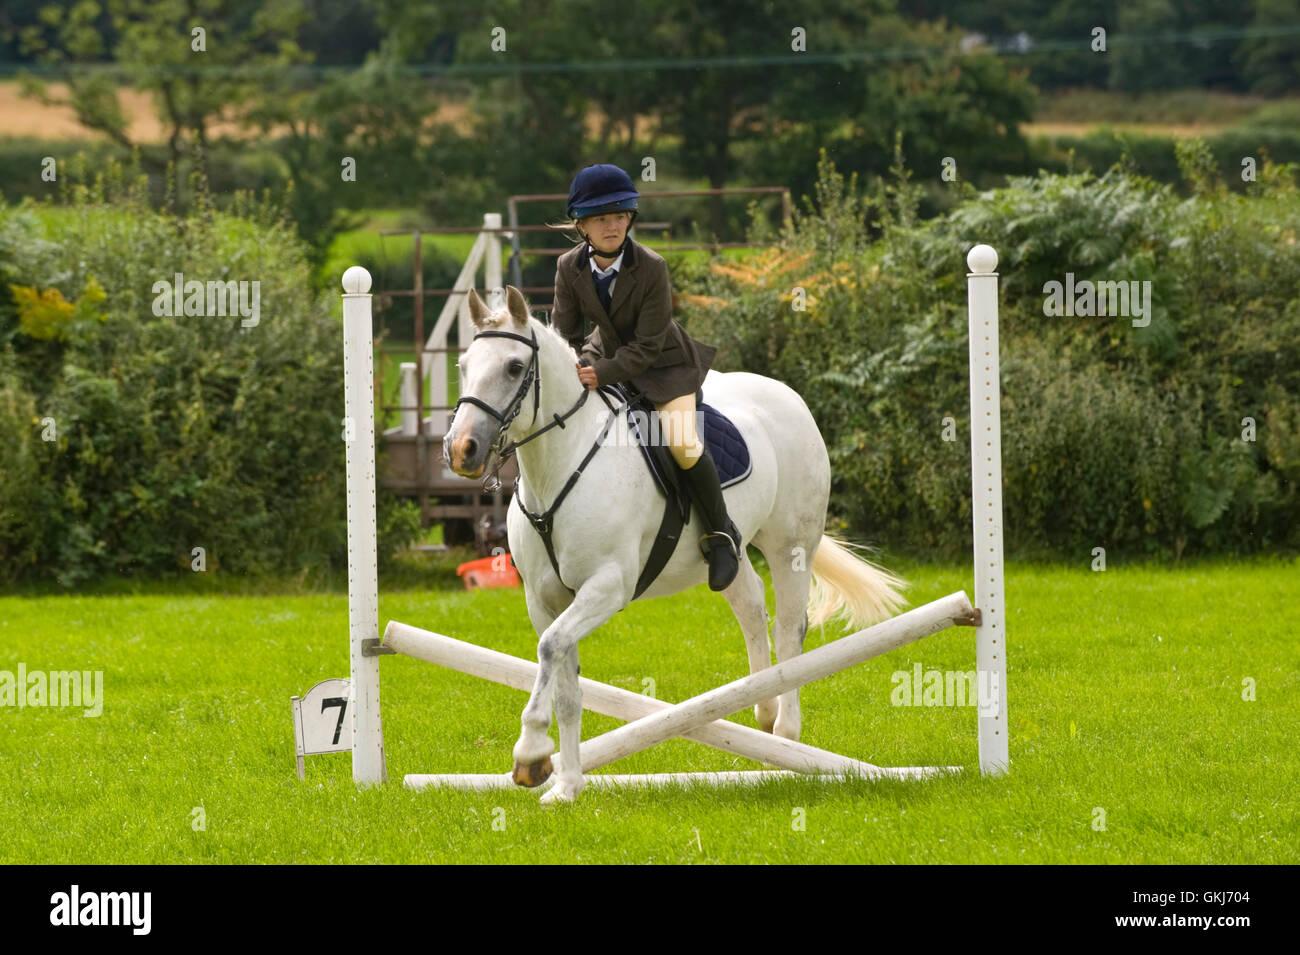 Saut d'adolescente sur son Llanigon à poney Show 2016 YFC nr Hay-on-Wye Powys Pays de Galles UK Photo Stock